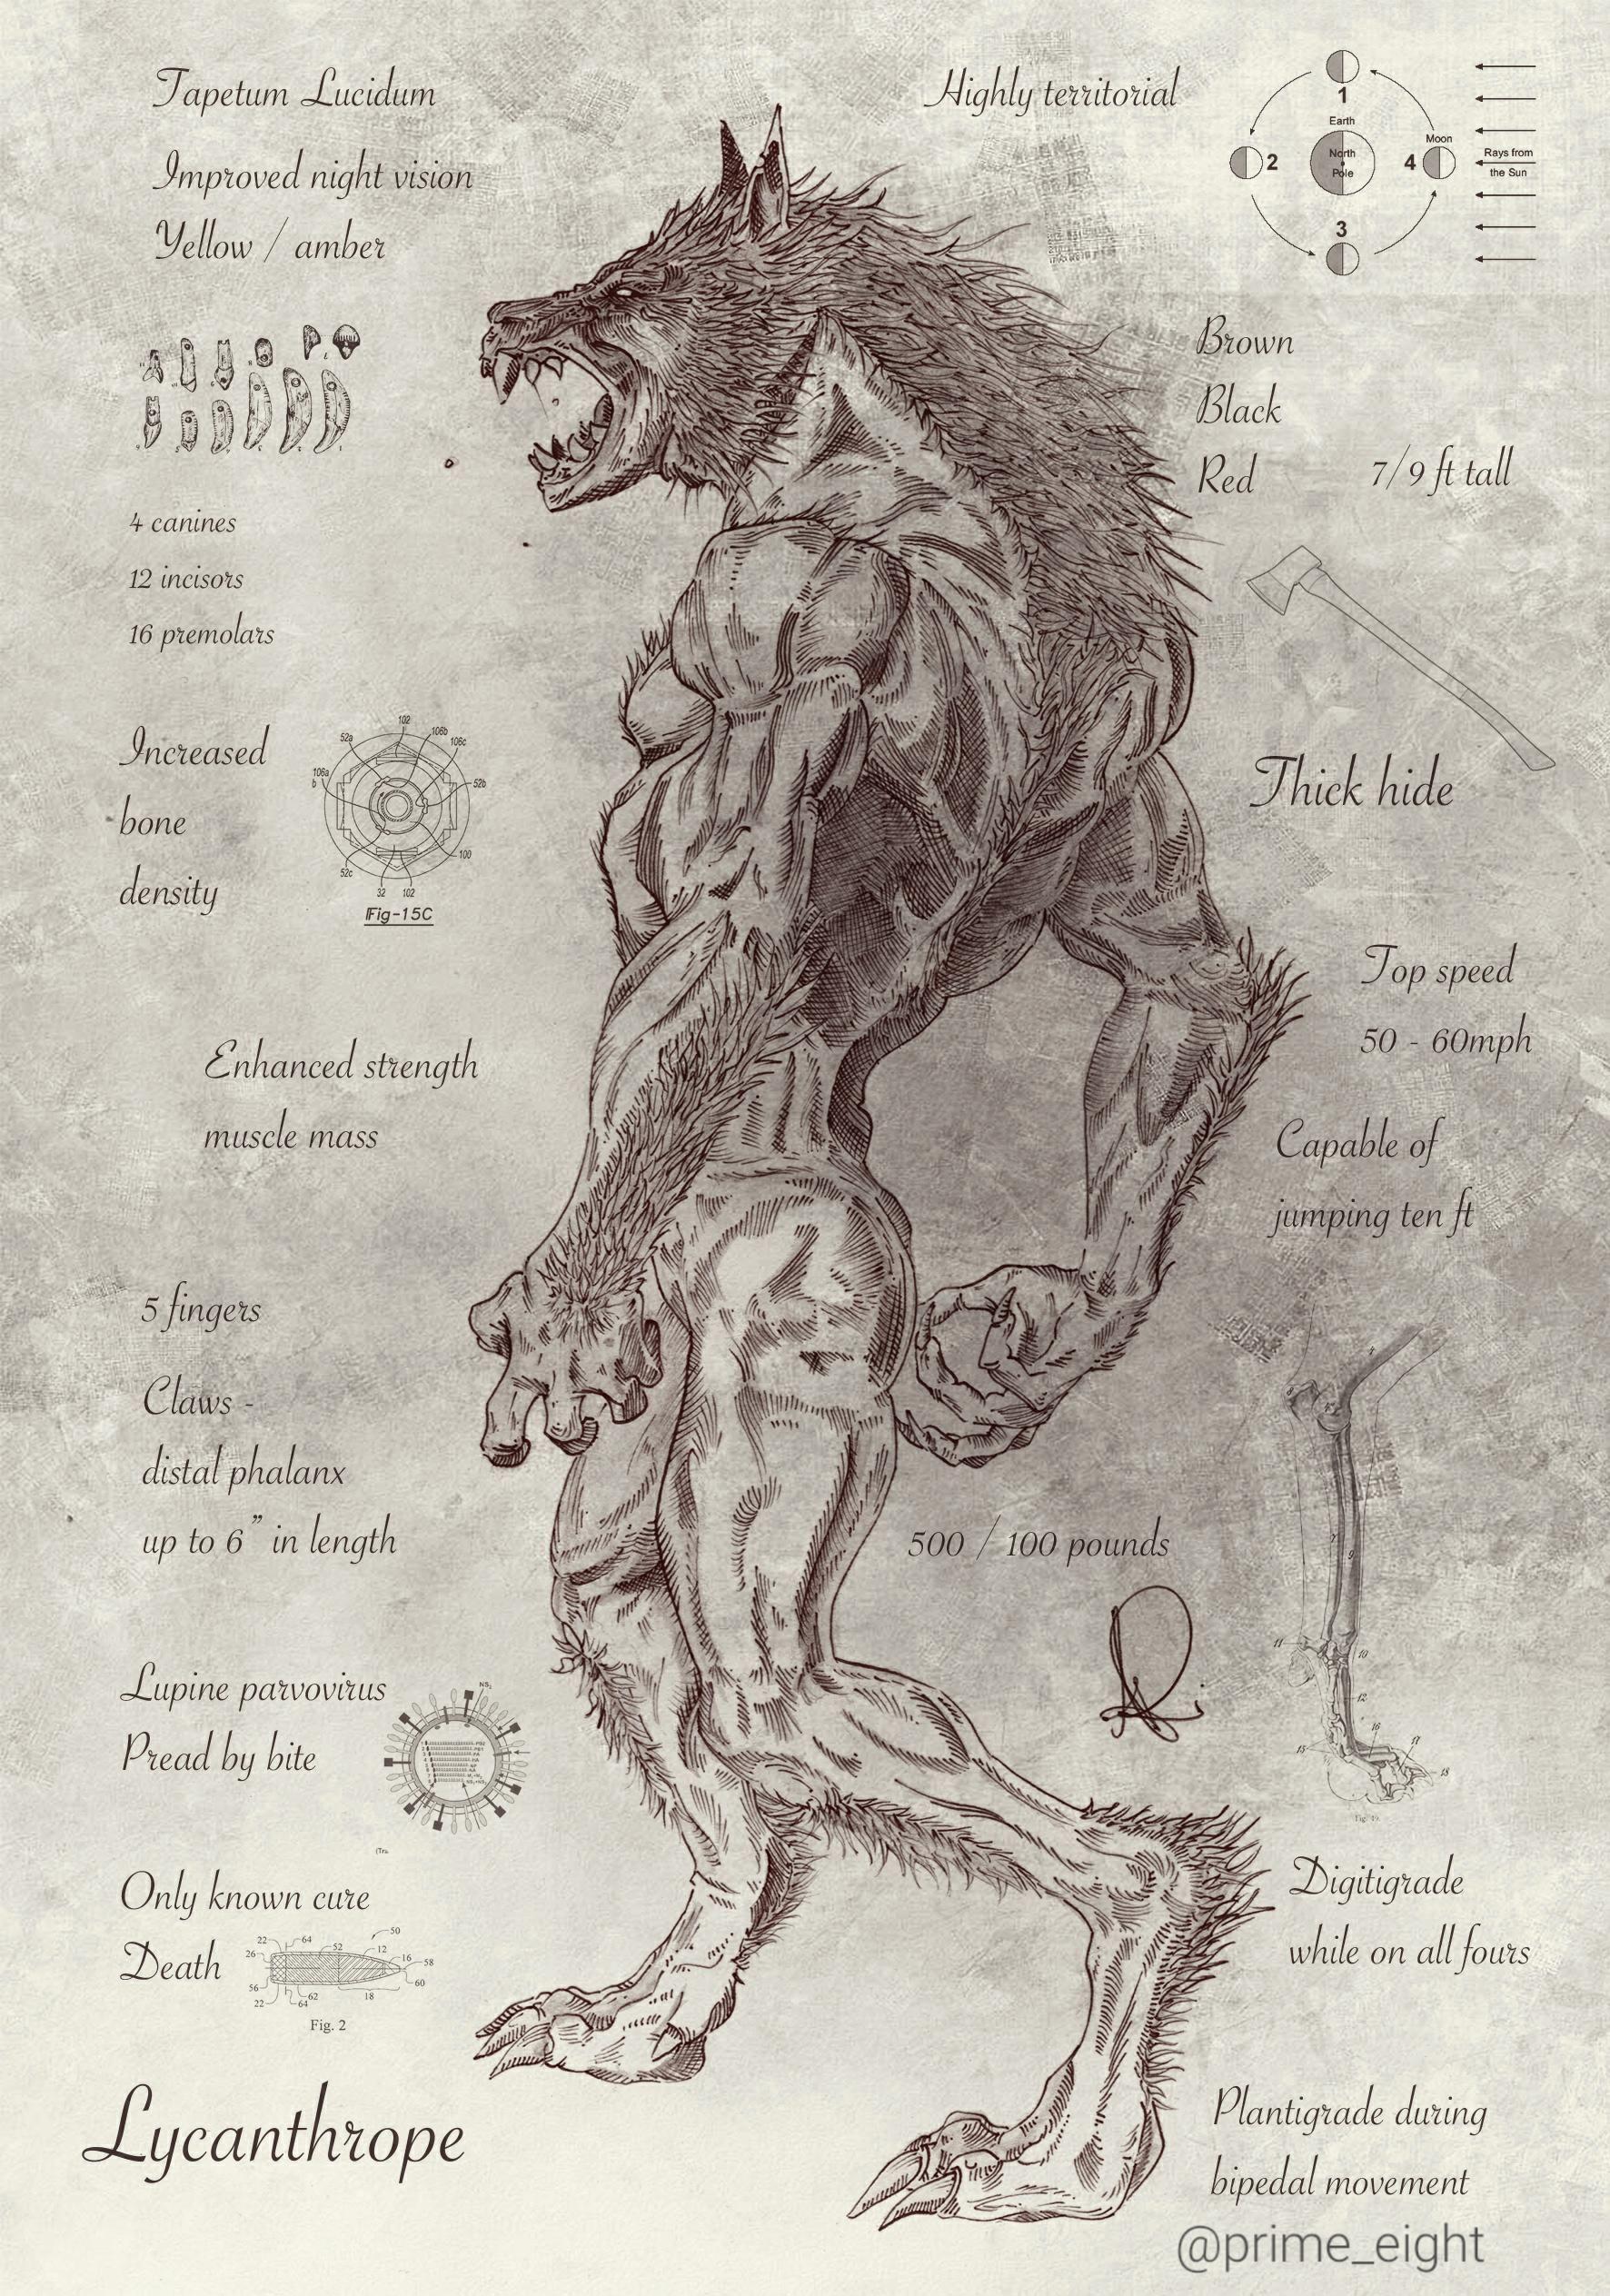 Lycanthrope illustration/digital http://ift.tt/2anUnuP